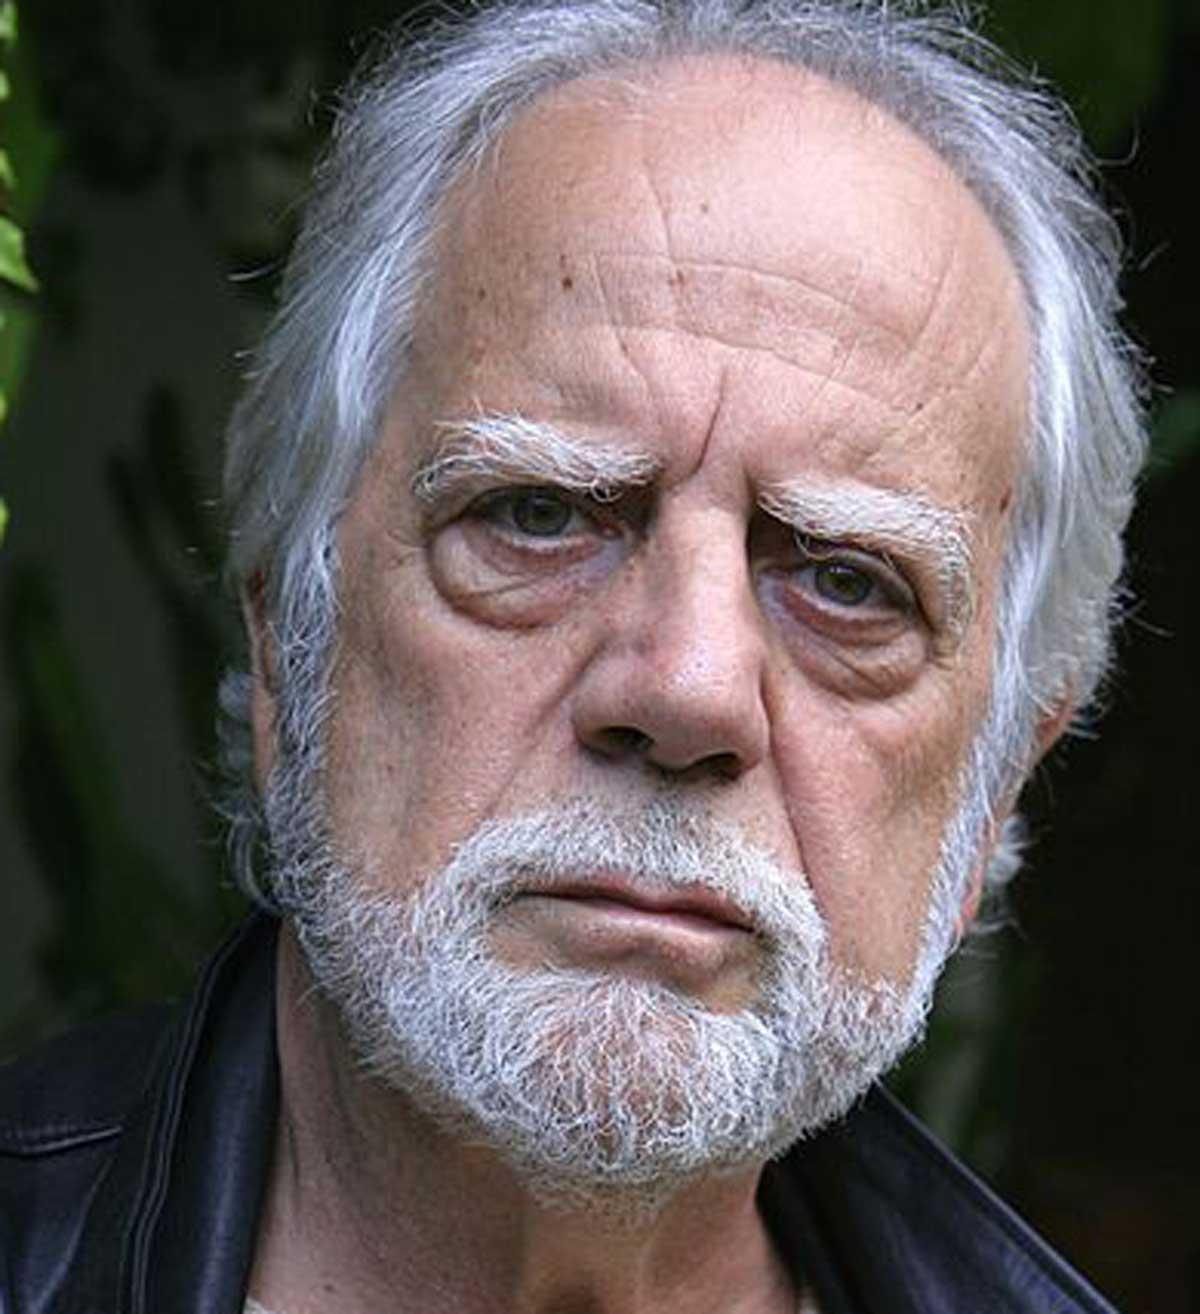 Morto Cosimo Cinieri, l'attore e regista aveva 80 anni